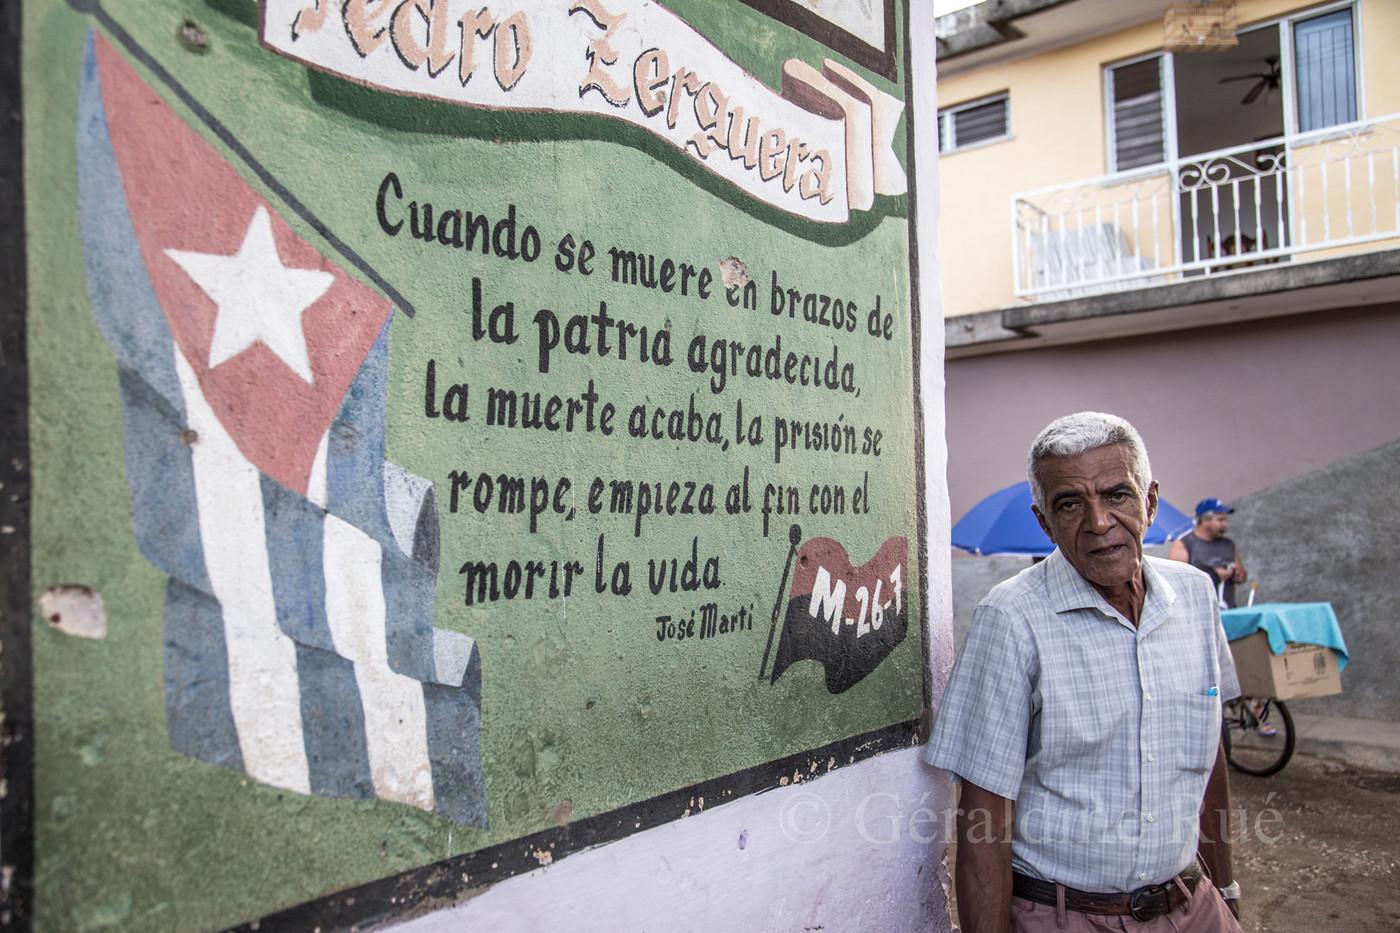 Cuba0677© Géraldine Rué.jpg